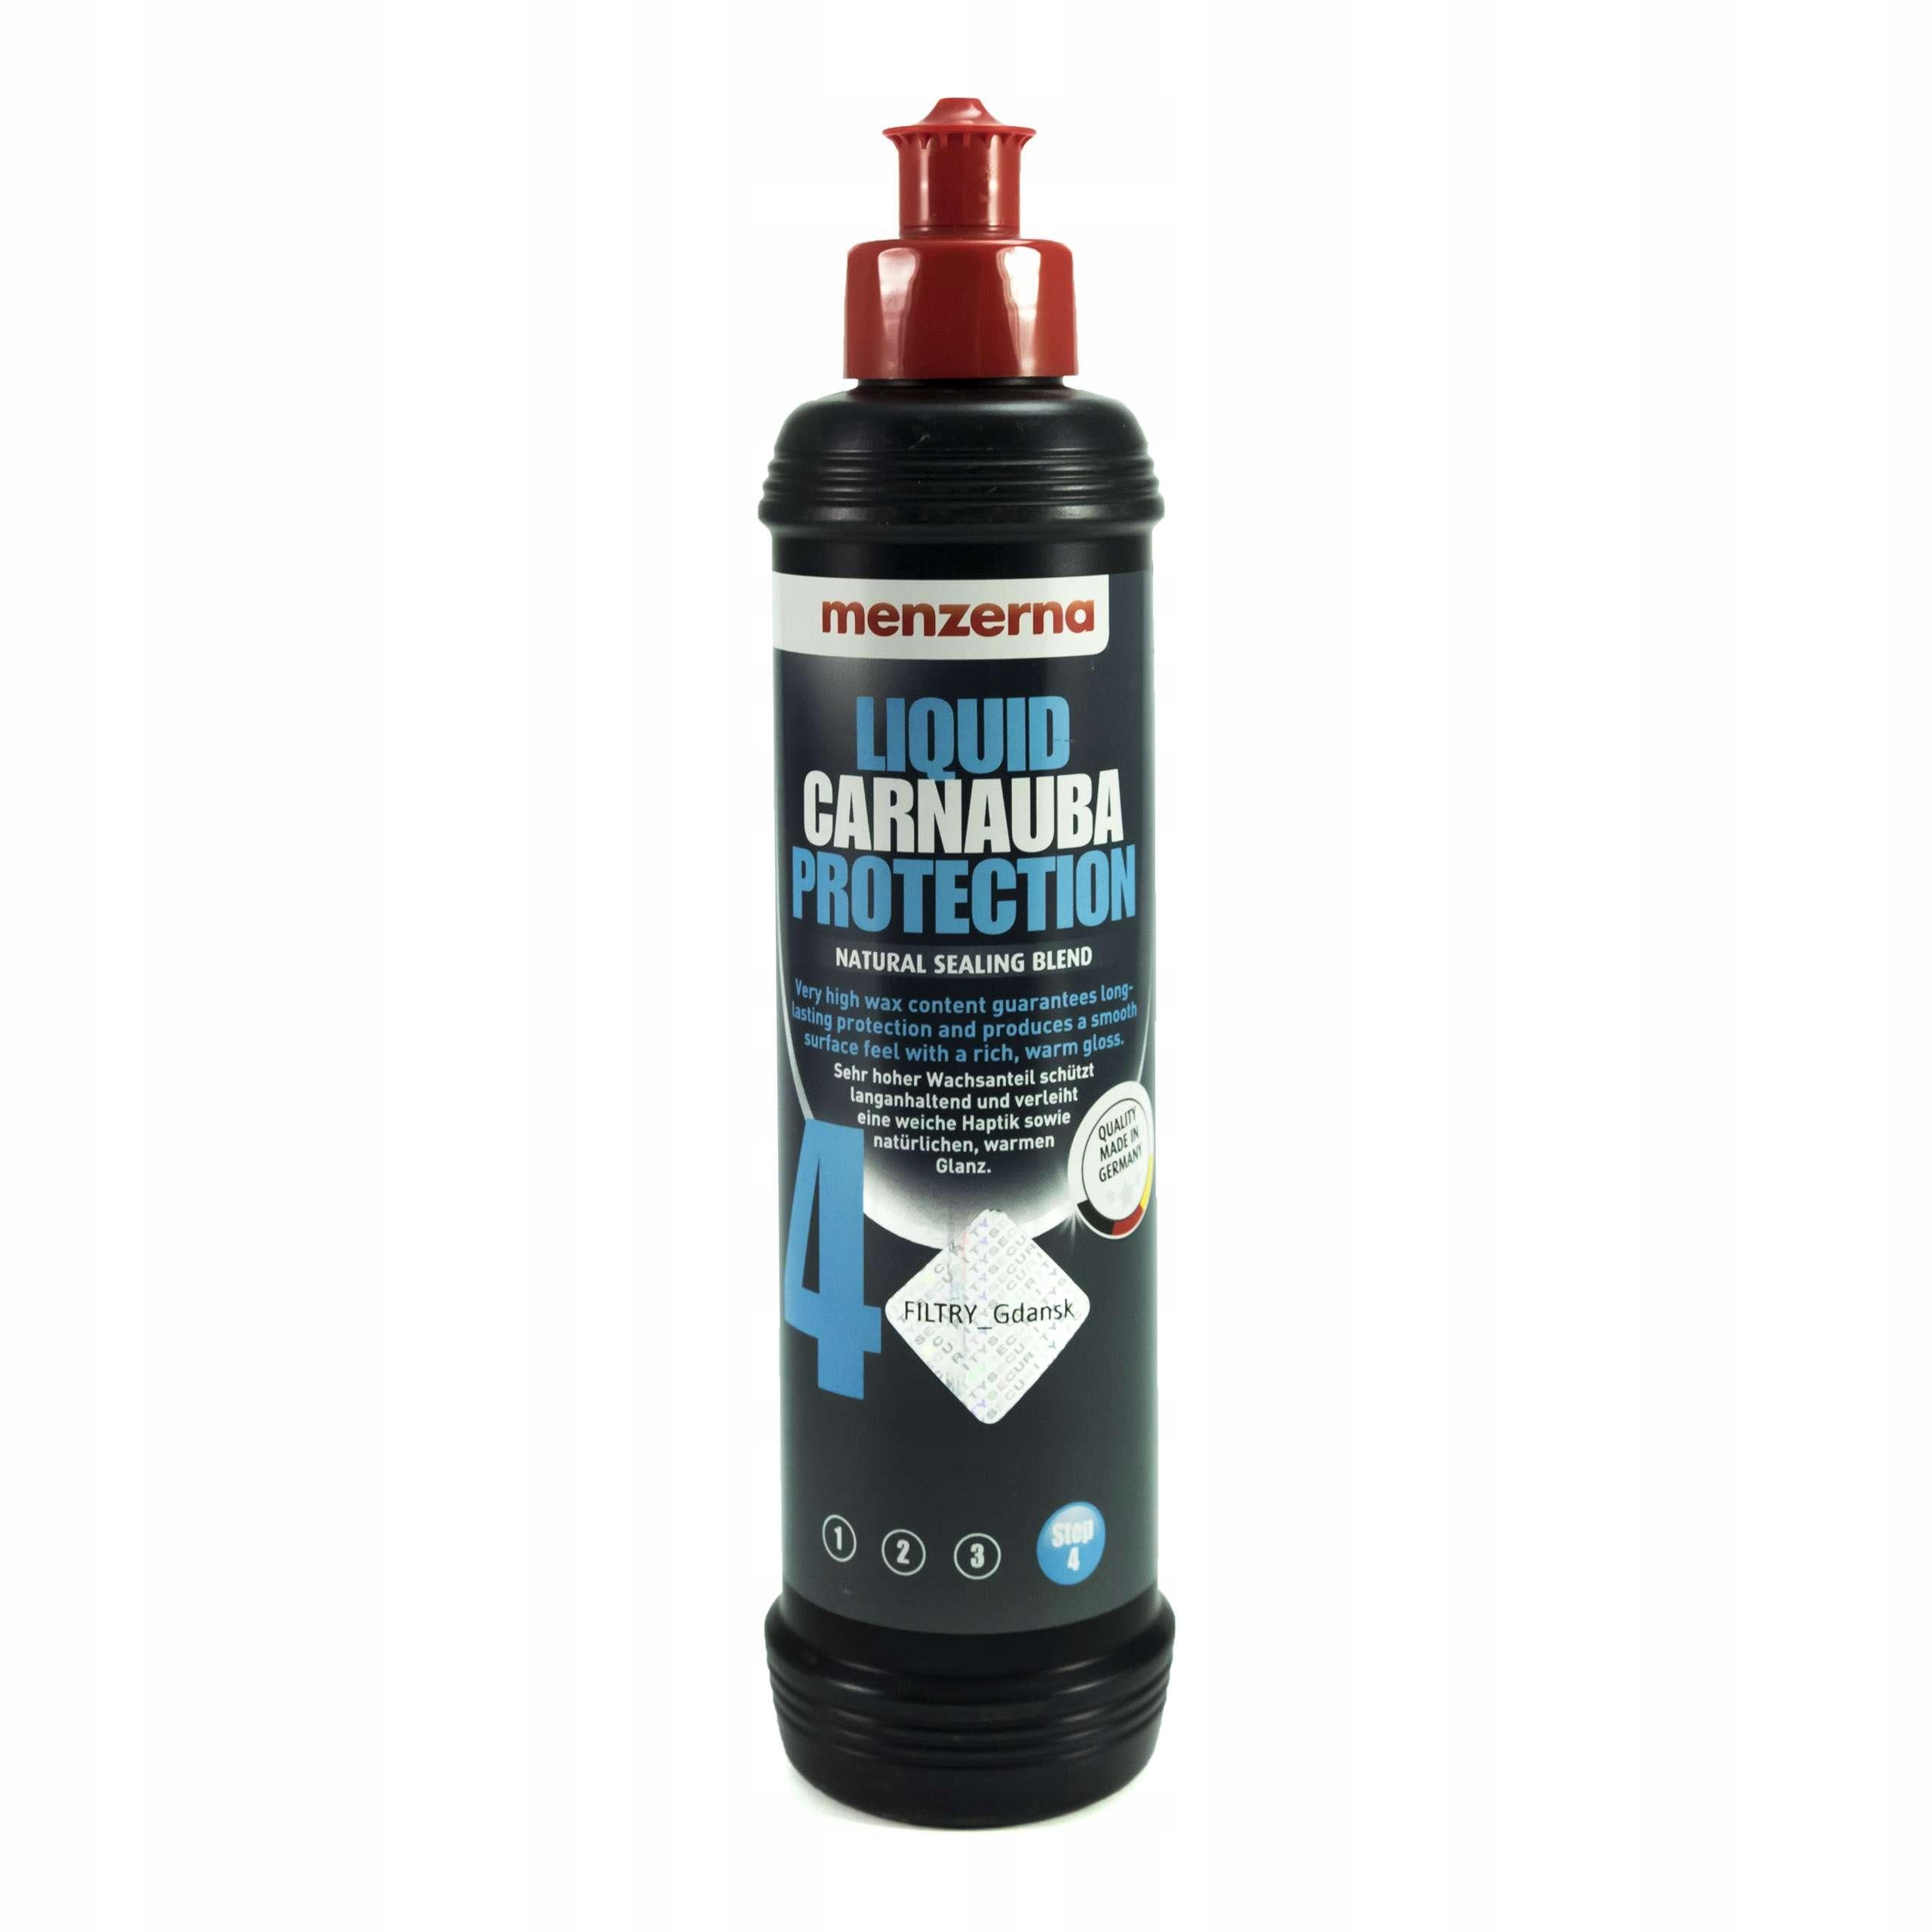 Menzerna LIQUID CARNAUBA PROTECTION wosk 250ml